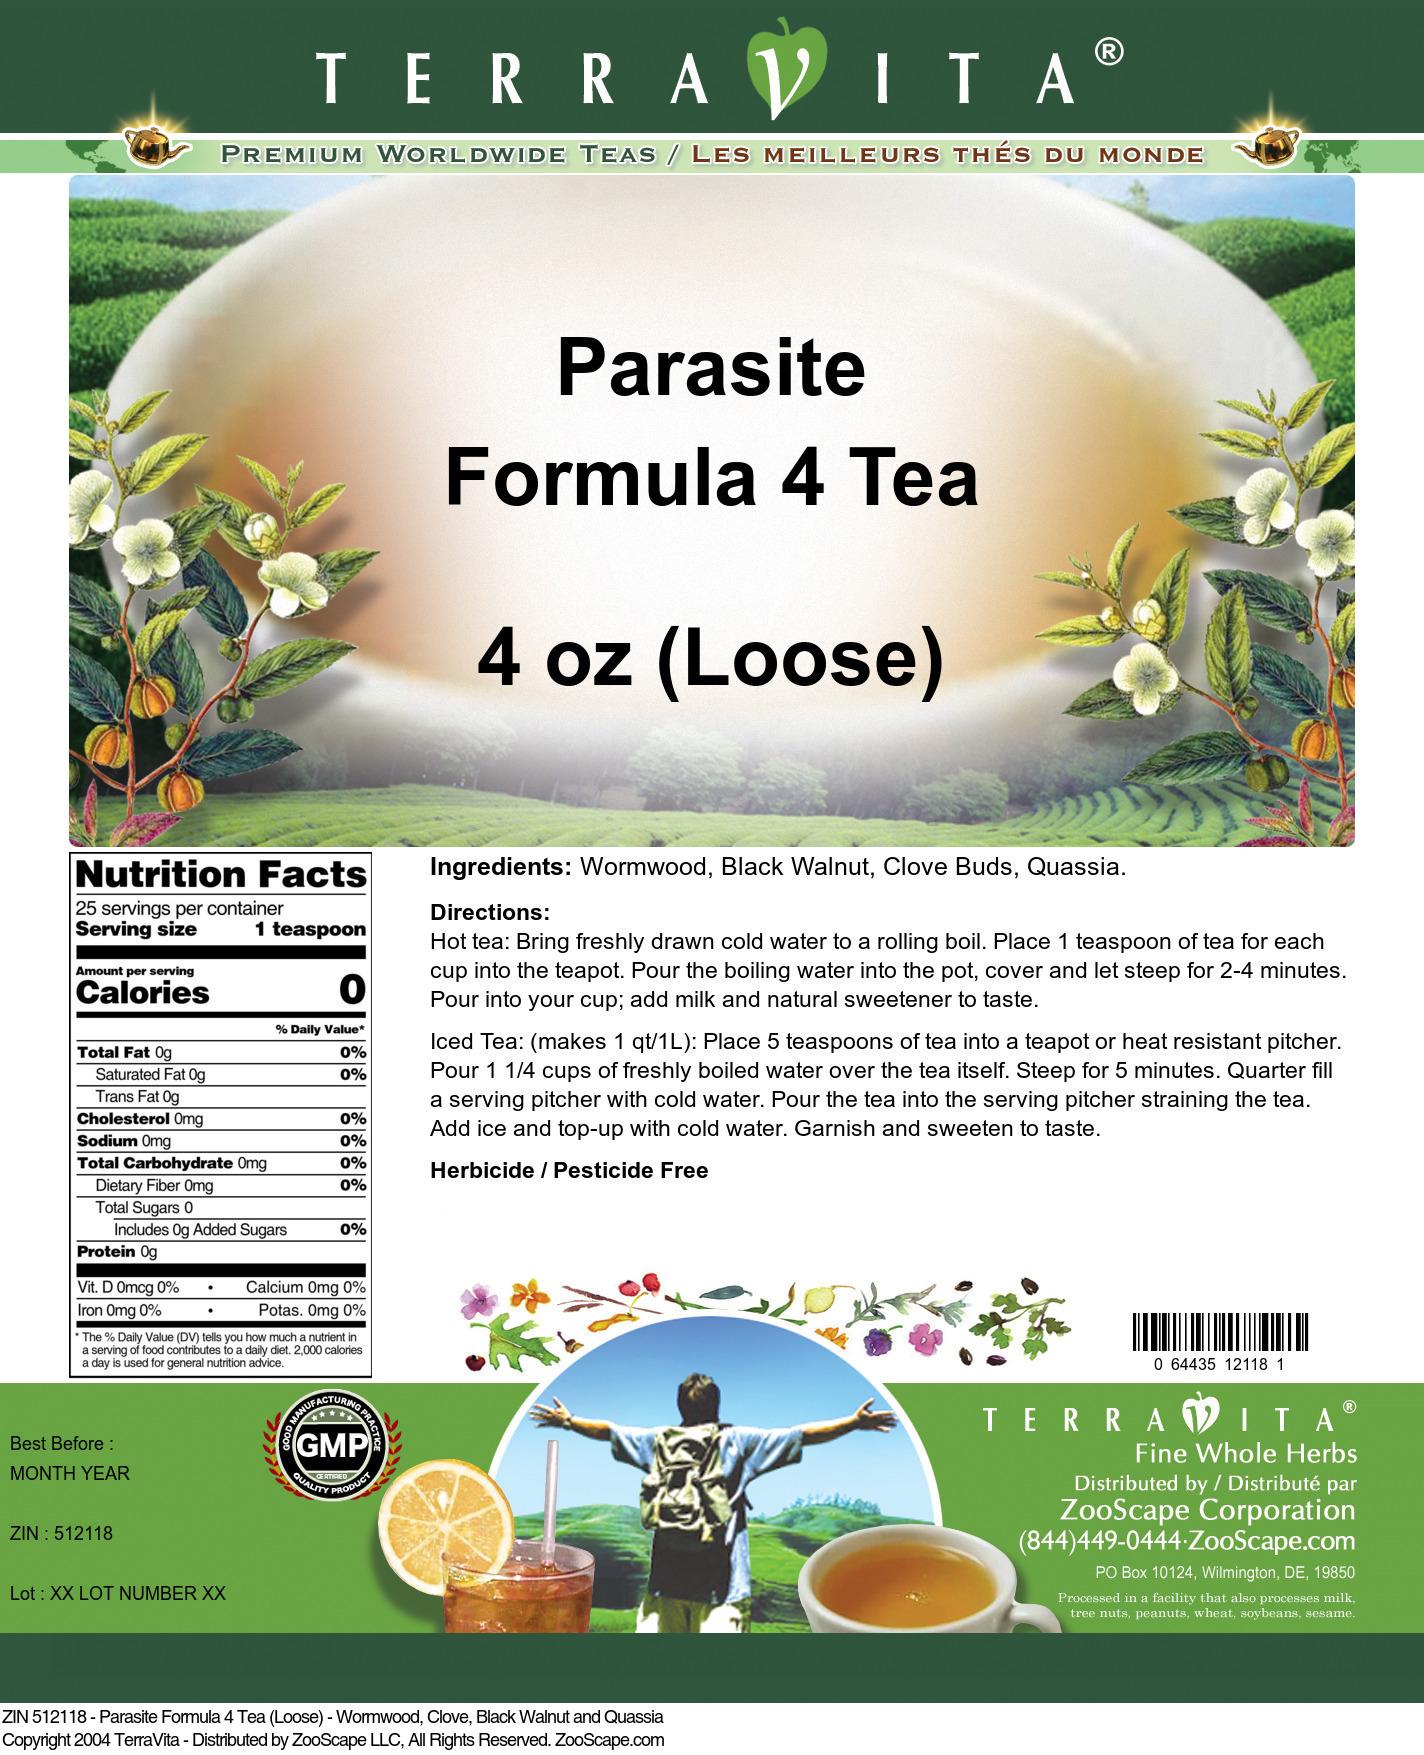 Parasite Formula 4